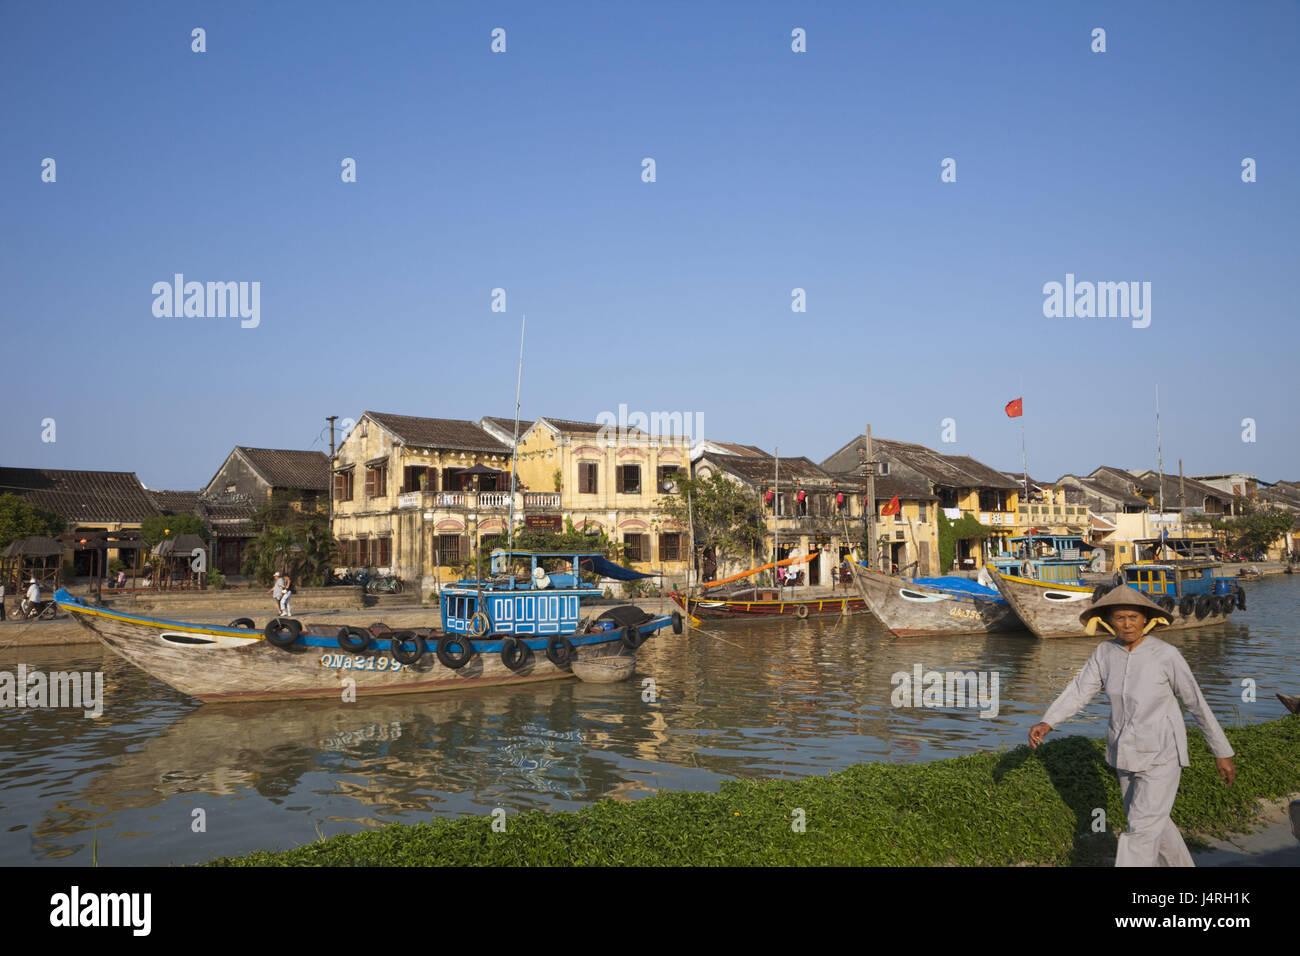 Vietnam, Hoi An, en vue de la ville et Thu bon flux, bateaux, femme, aucun modèle libération, Photo Stock